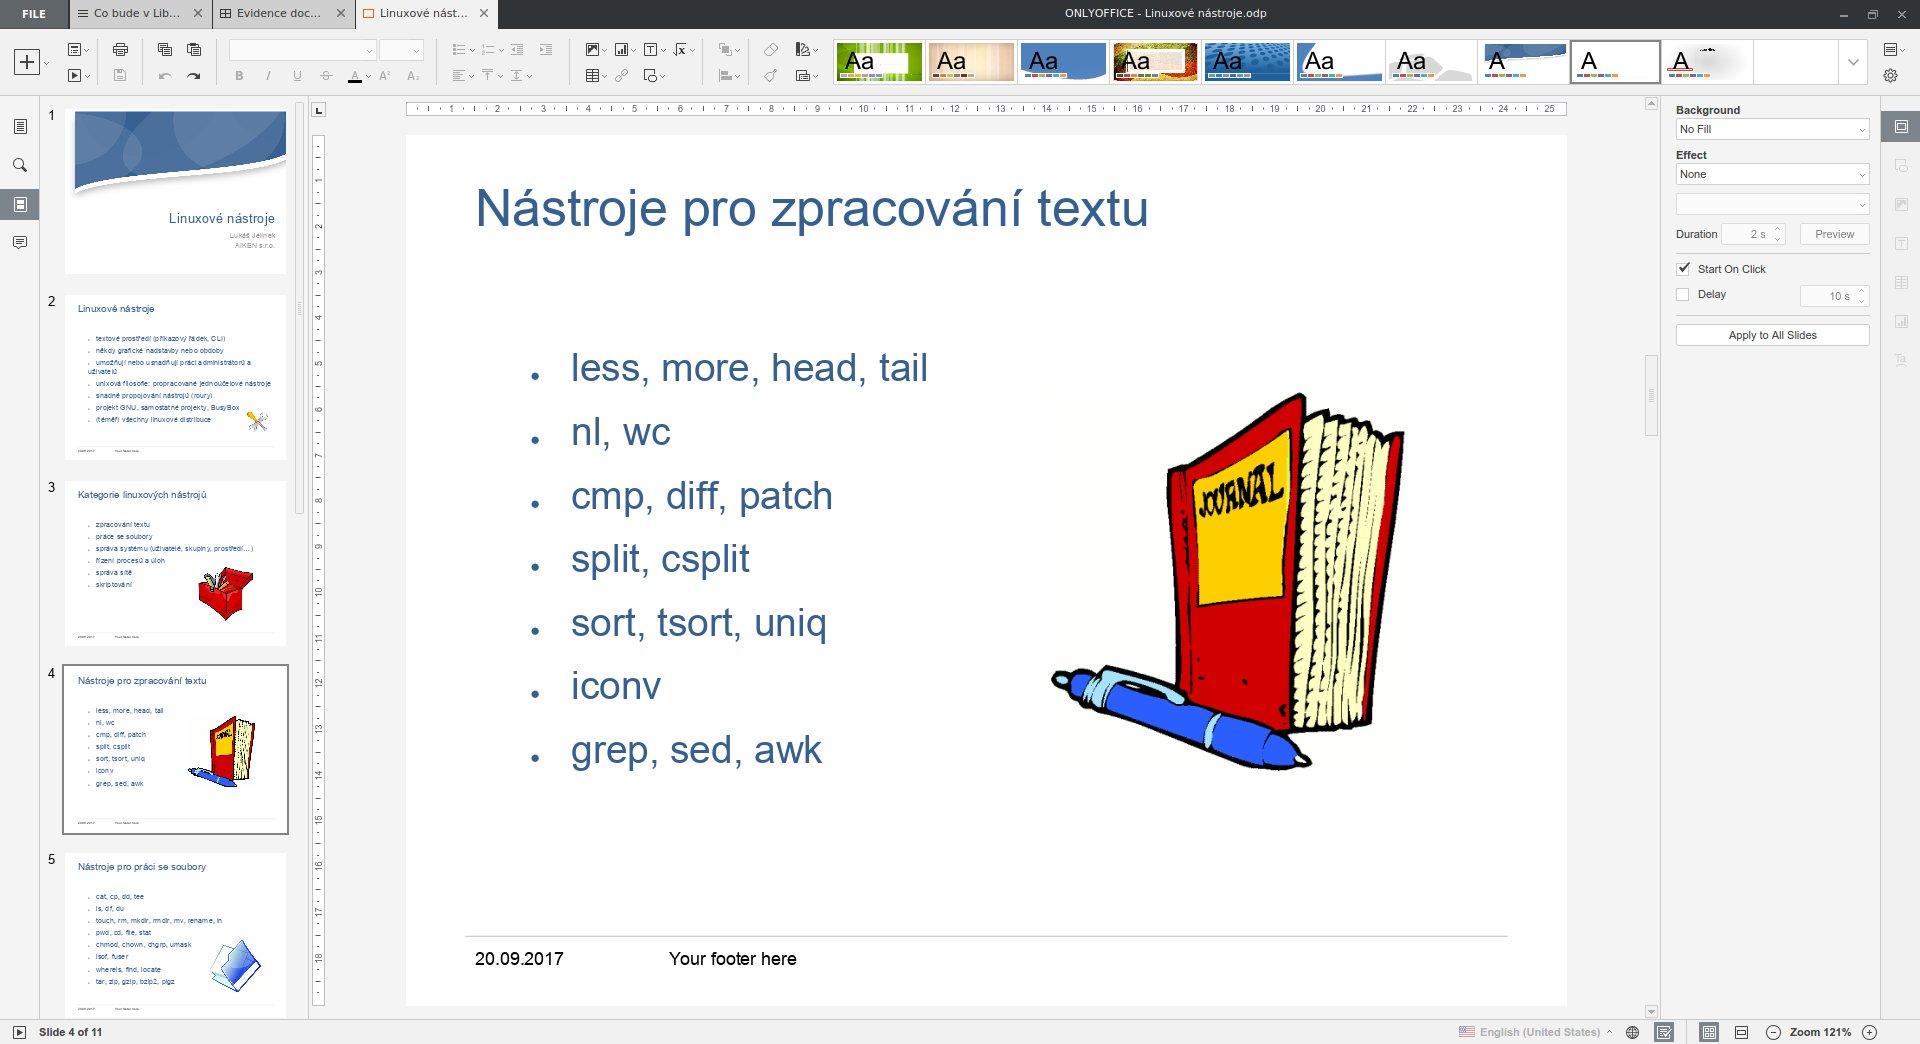 prezentace.png